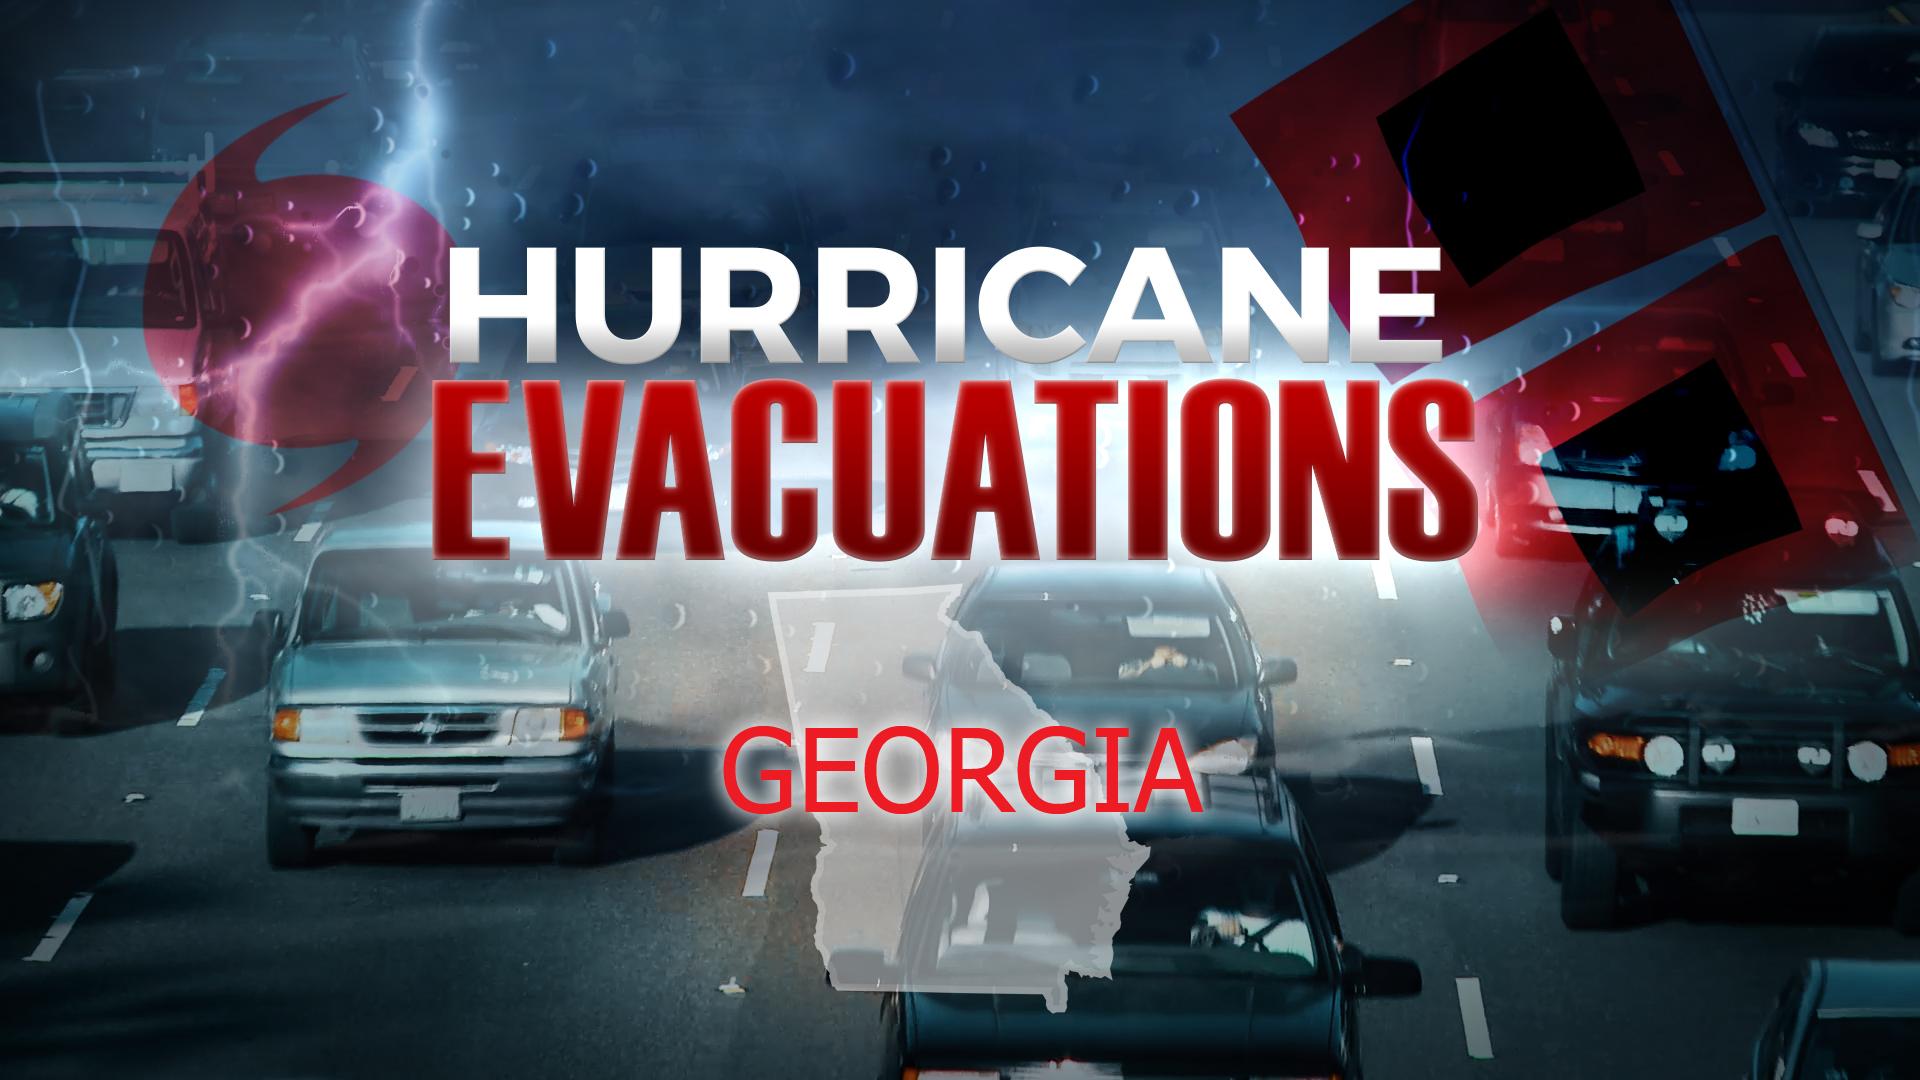 ga_-georgia_hurricane-evacuations_185399